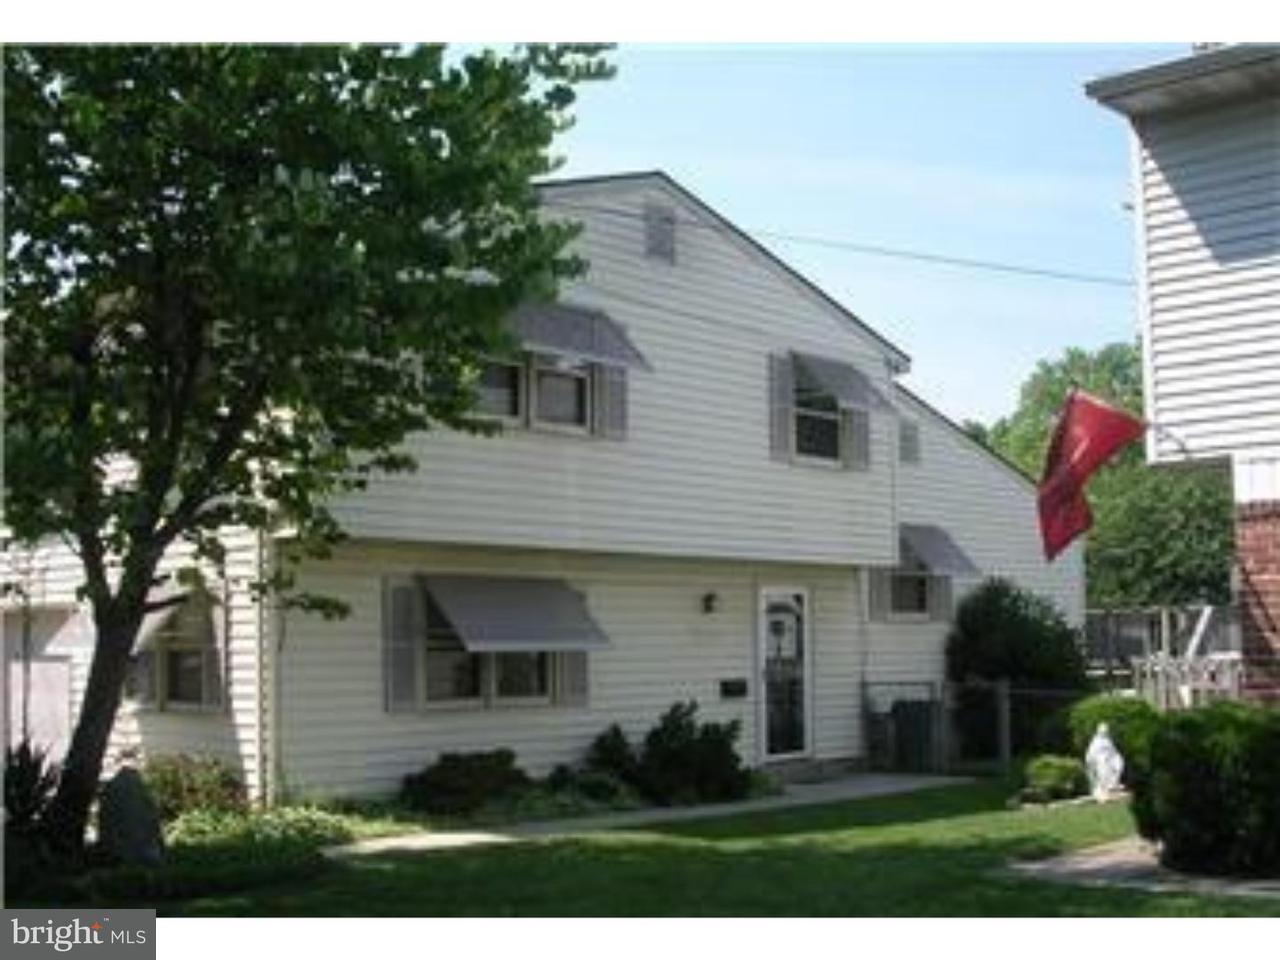 联栋屋 为 出租 在 109 KENNEDY BLVD Bellmawr, 新泽西州 08031 美国